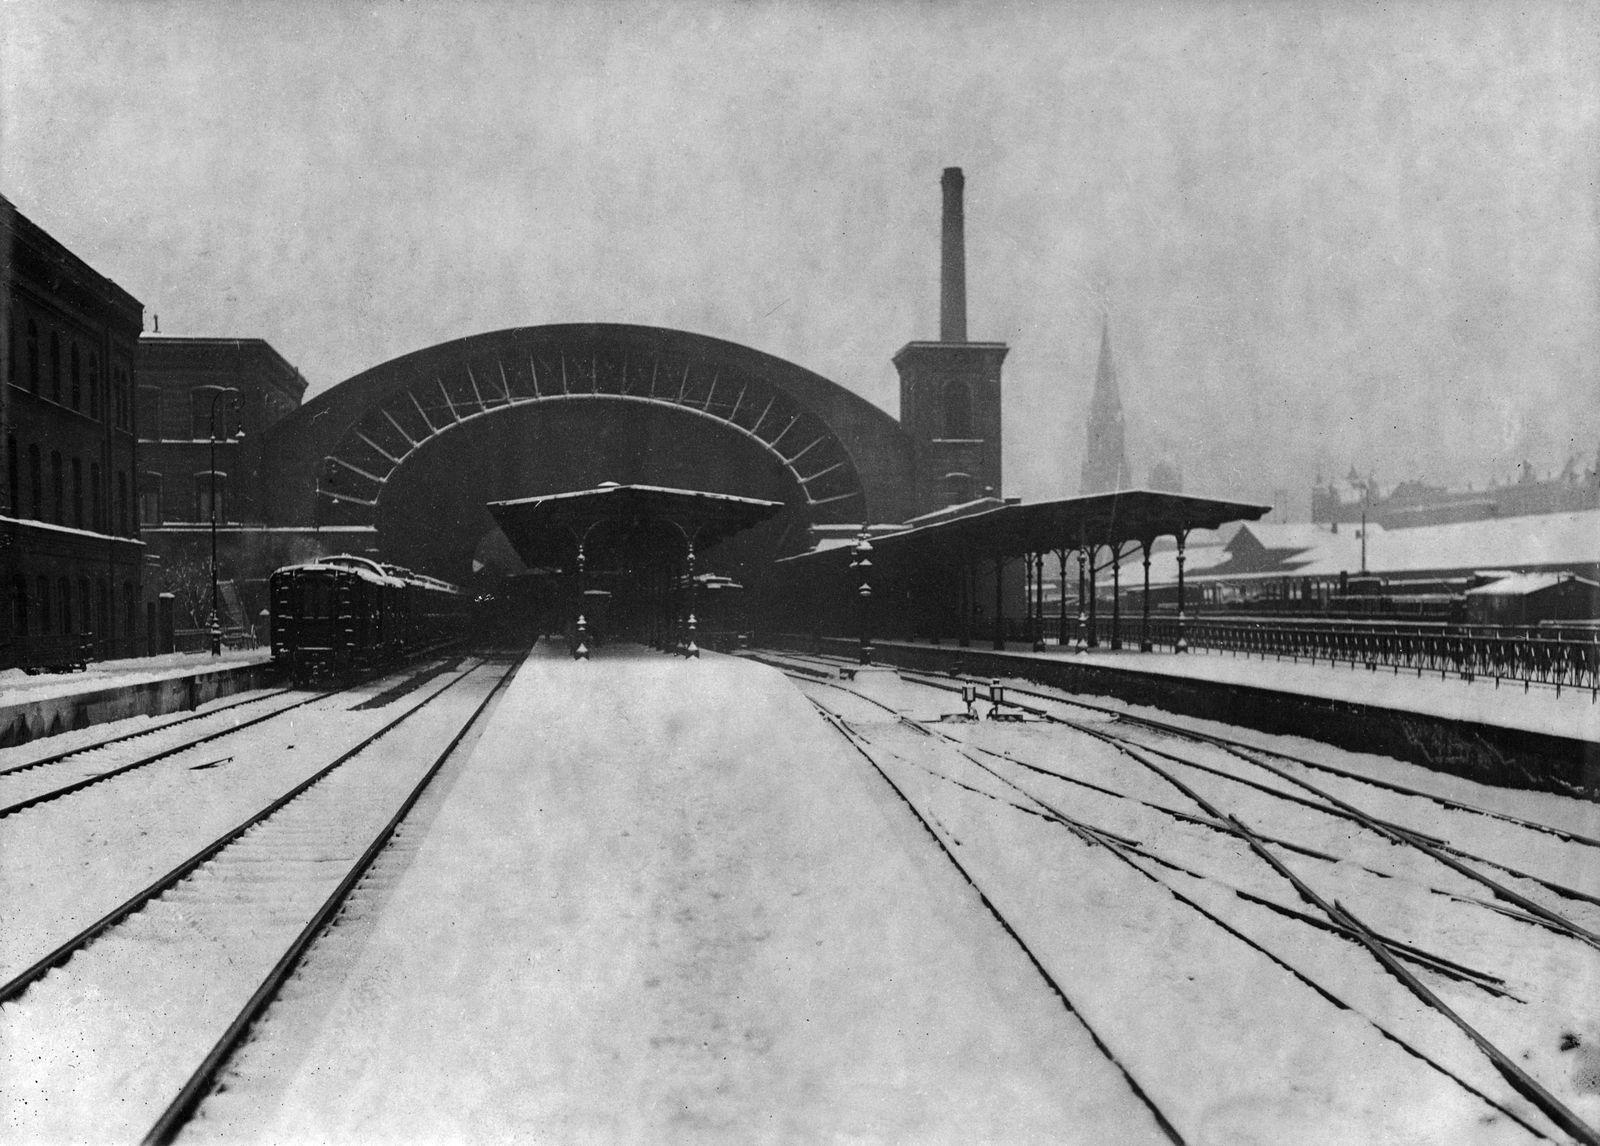 Eisenbahngelände am Görlitzer Bahnhof, 1920er Jahre © bpk / Kunstbibliothek, SMB / Willy Römer